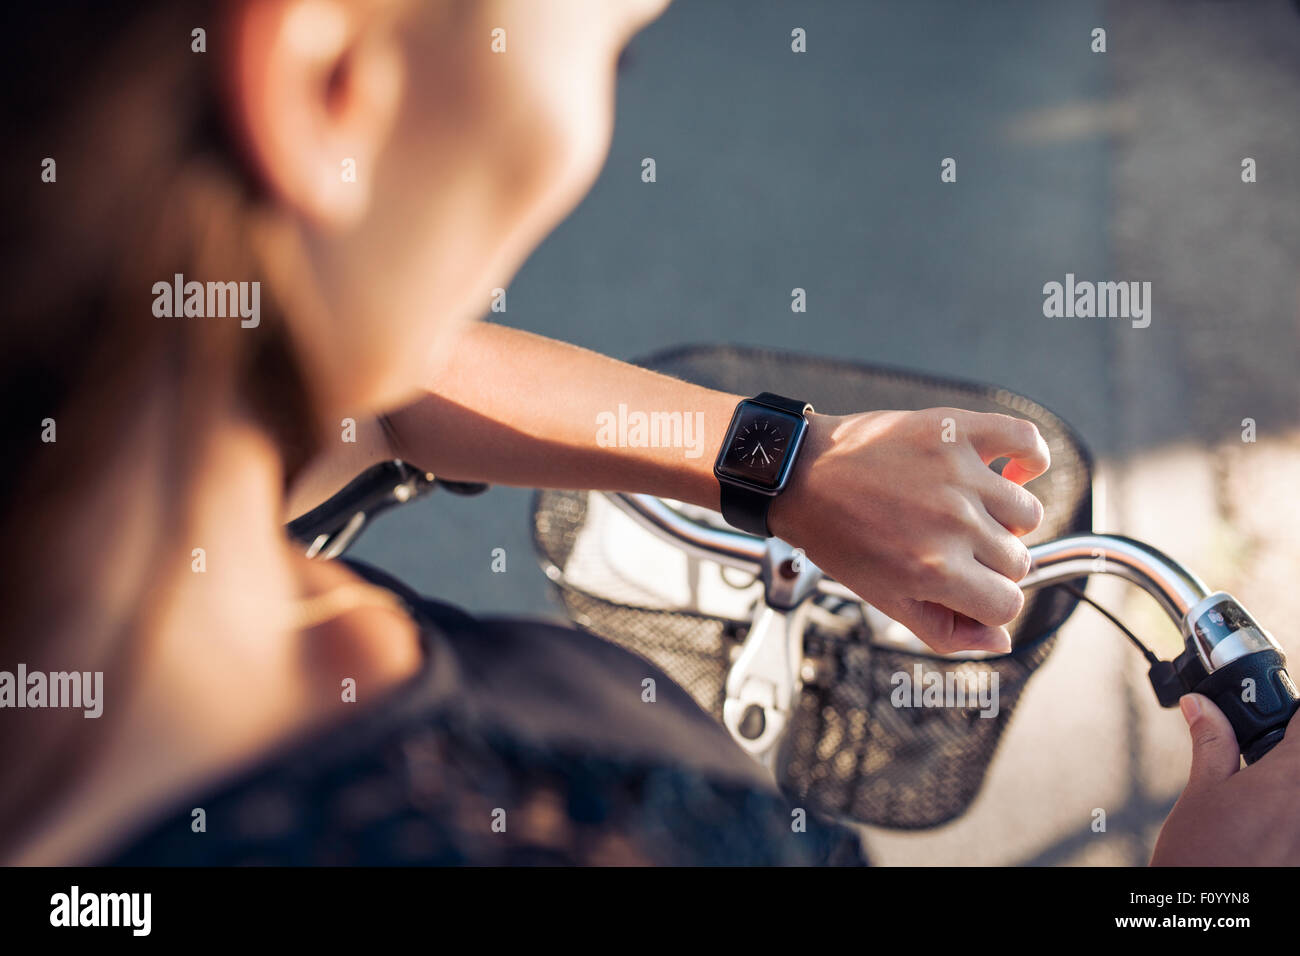 Mujer con una bicicleta mirando su smartwatch. Primer plano de control femenino sobre sus relojes de pulsera inteligente. Imagen De Stock